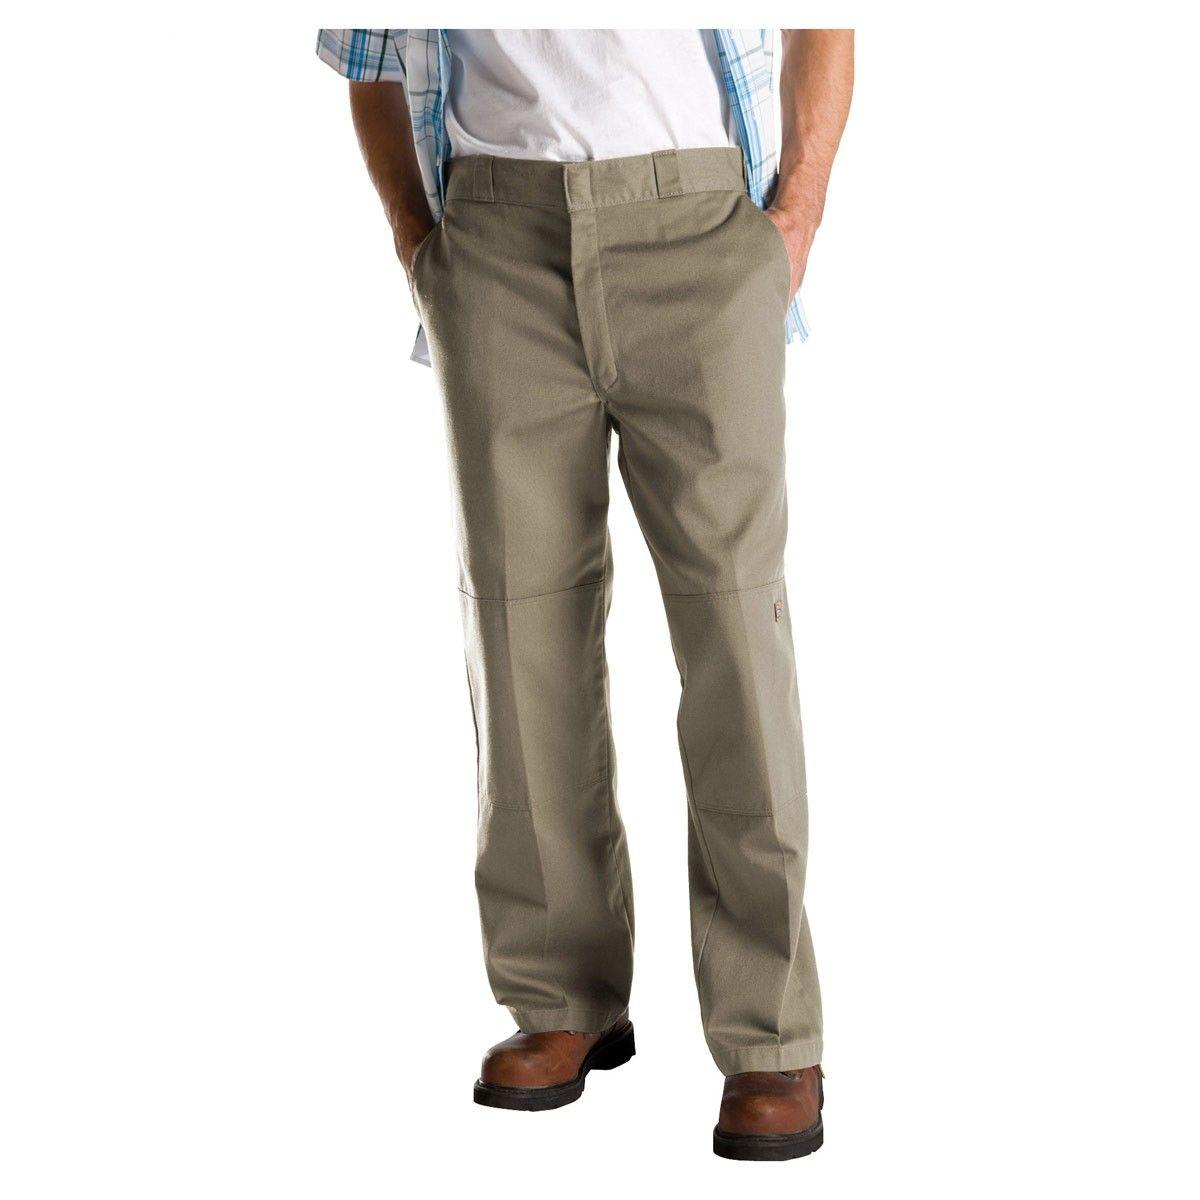 Dickies loose fit double knee work pant 85283 mens